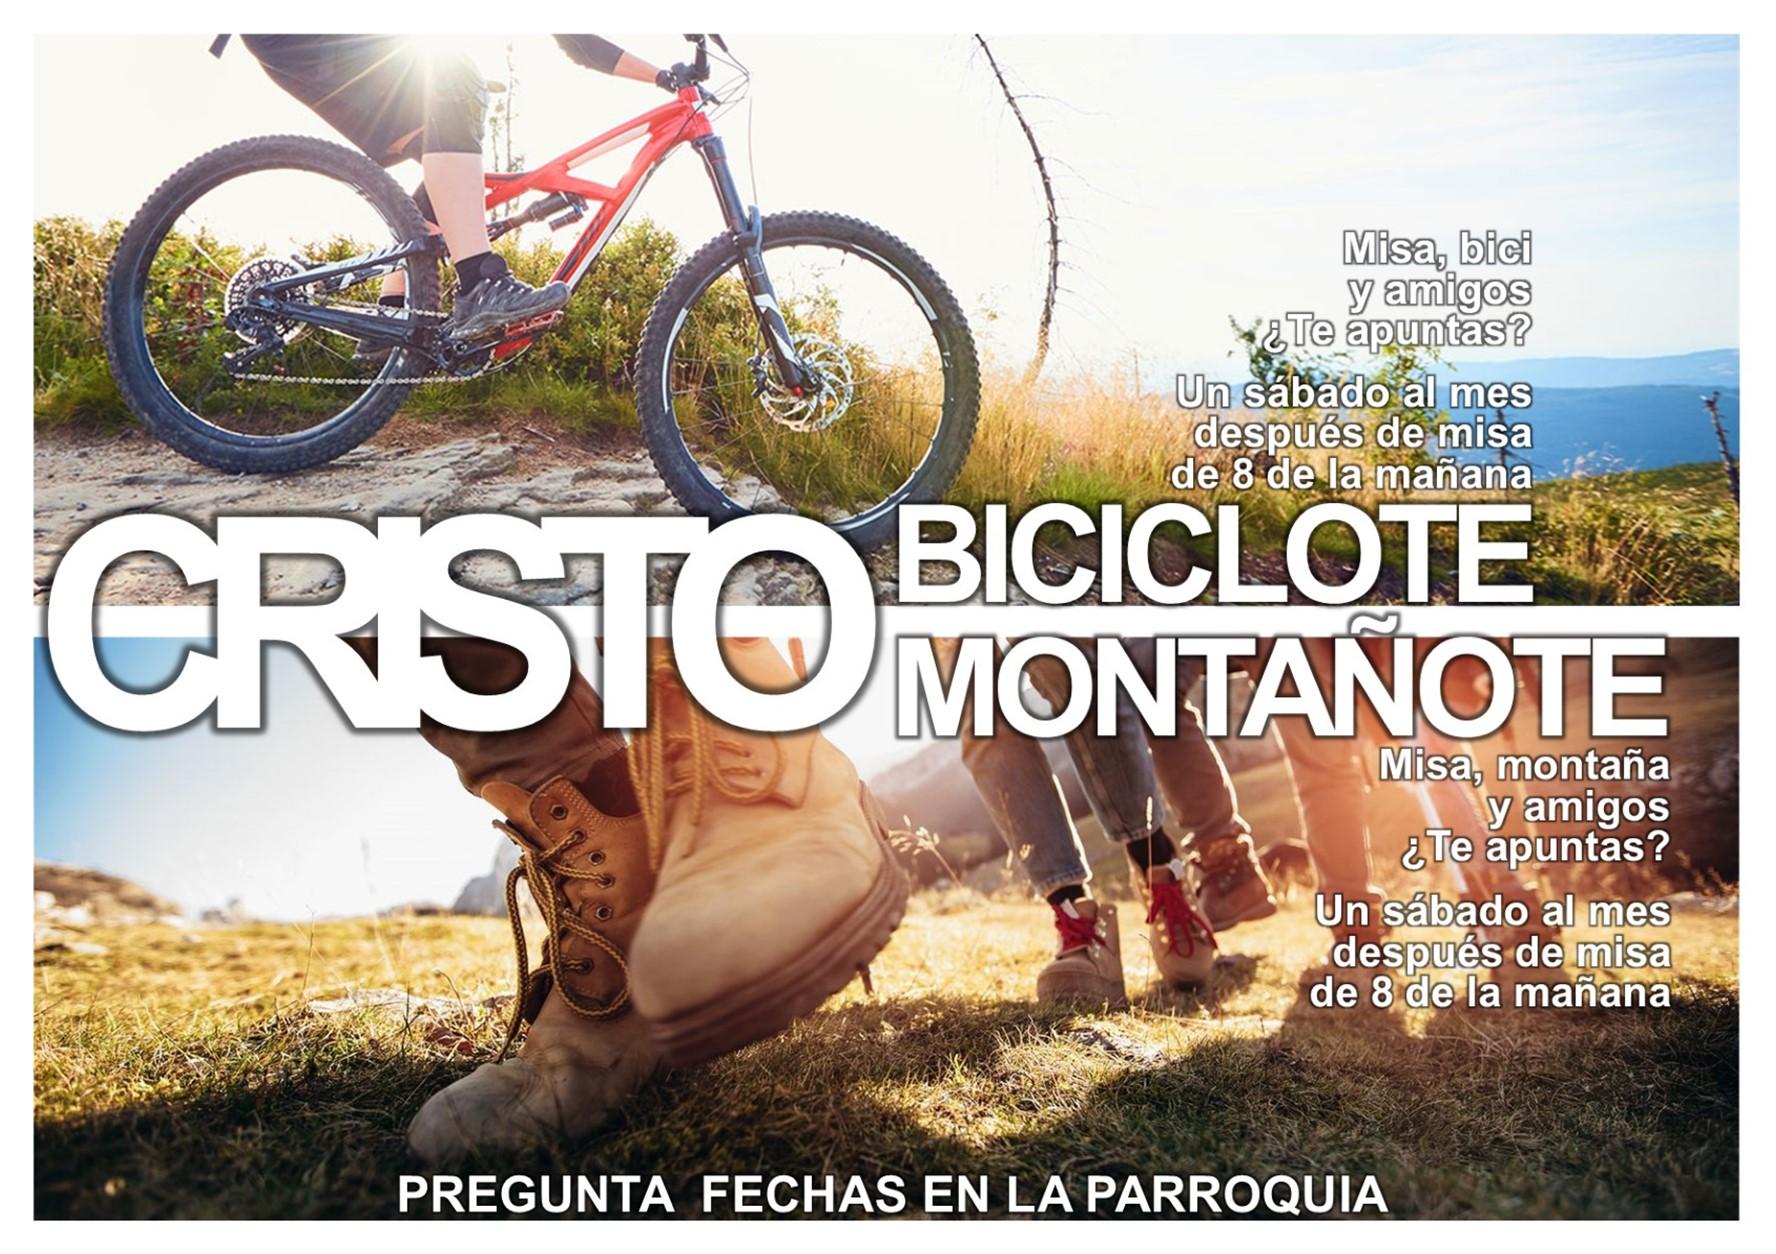 Nacen «Cristo Montañote» y «Cristo Biciclote»